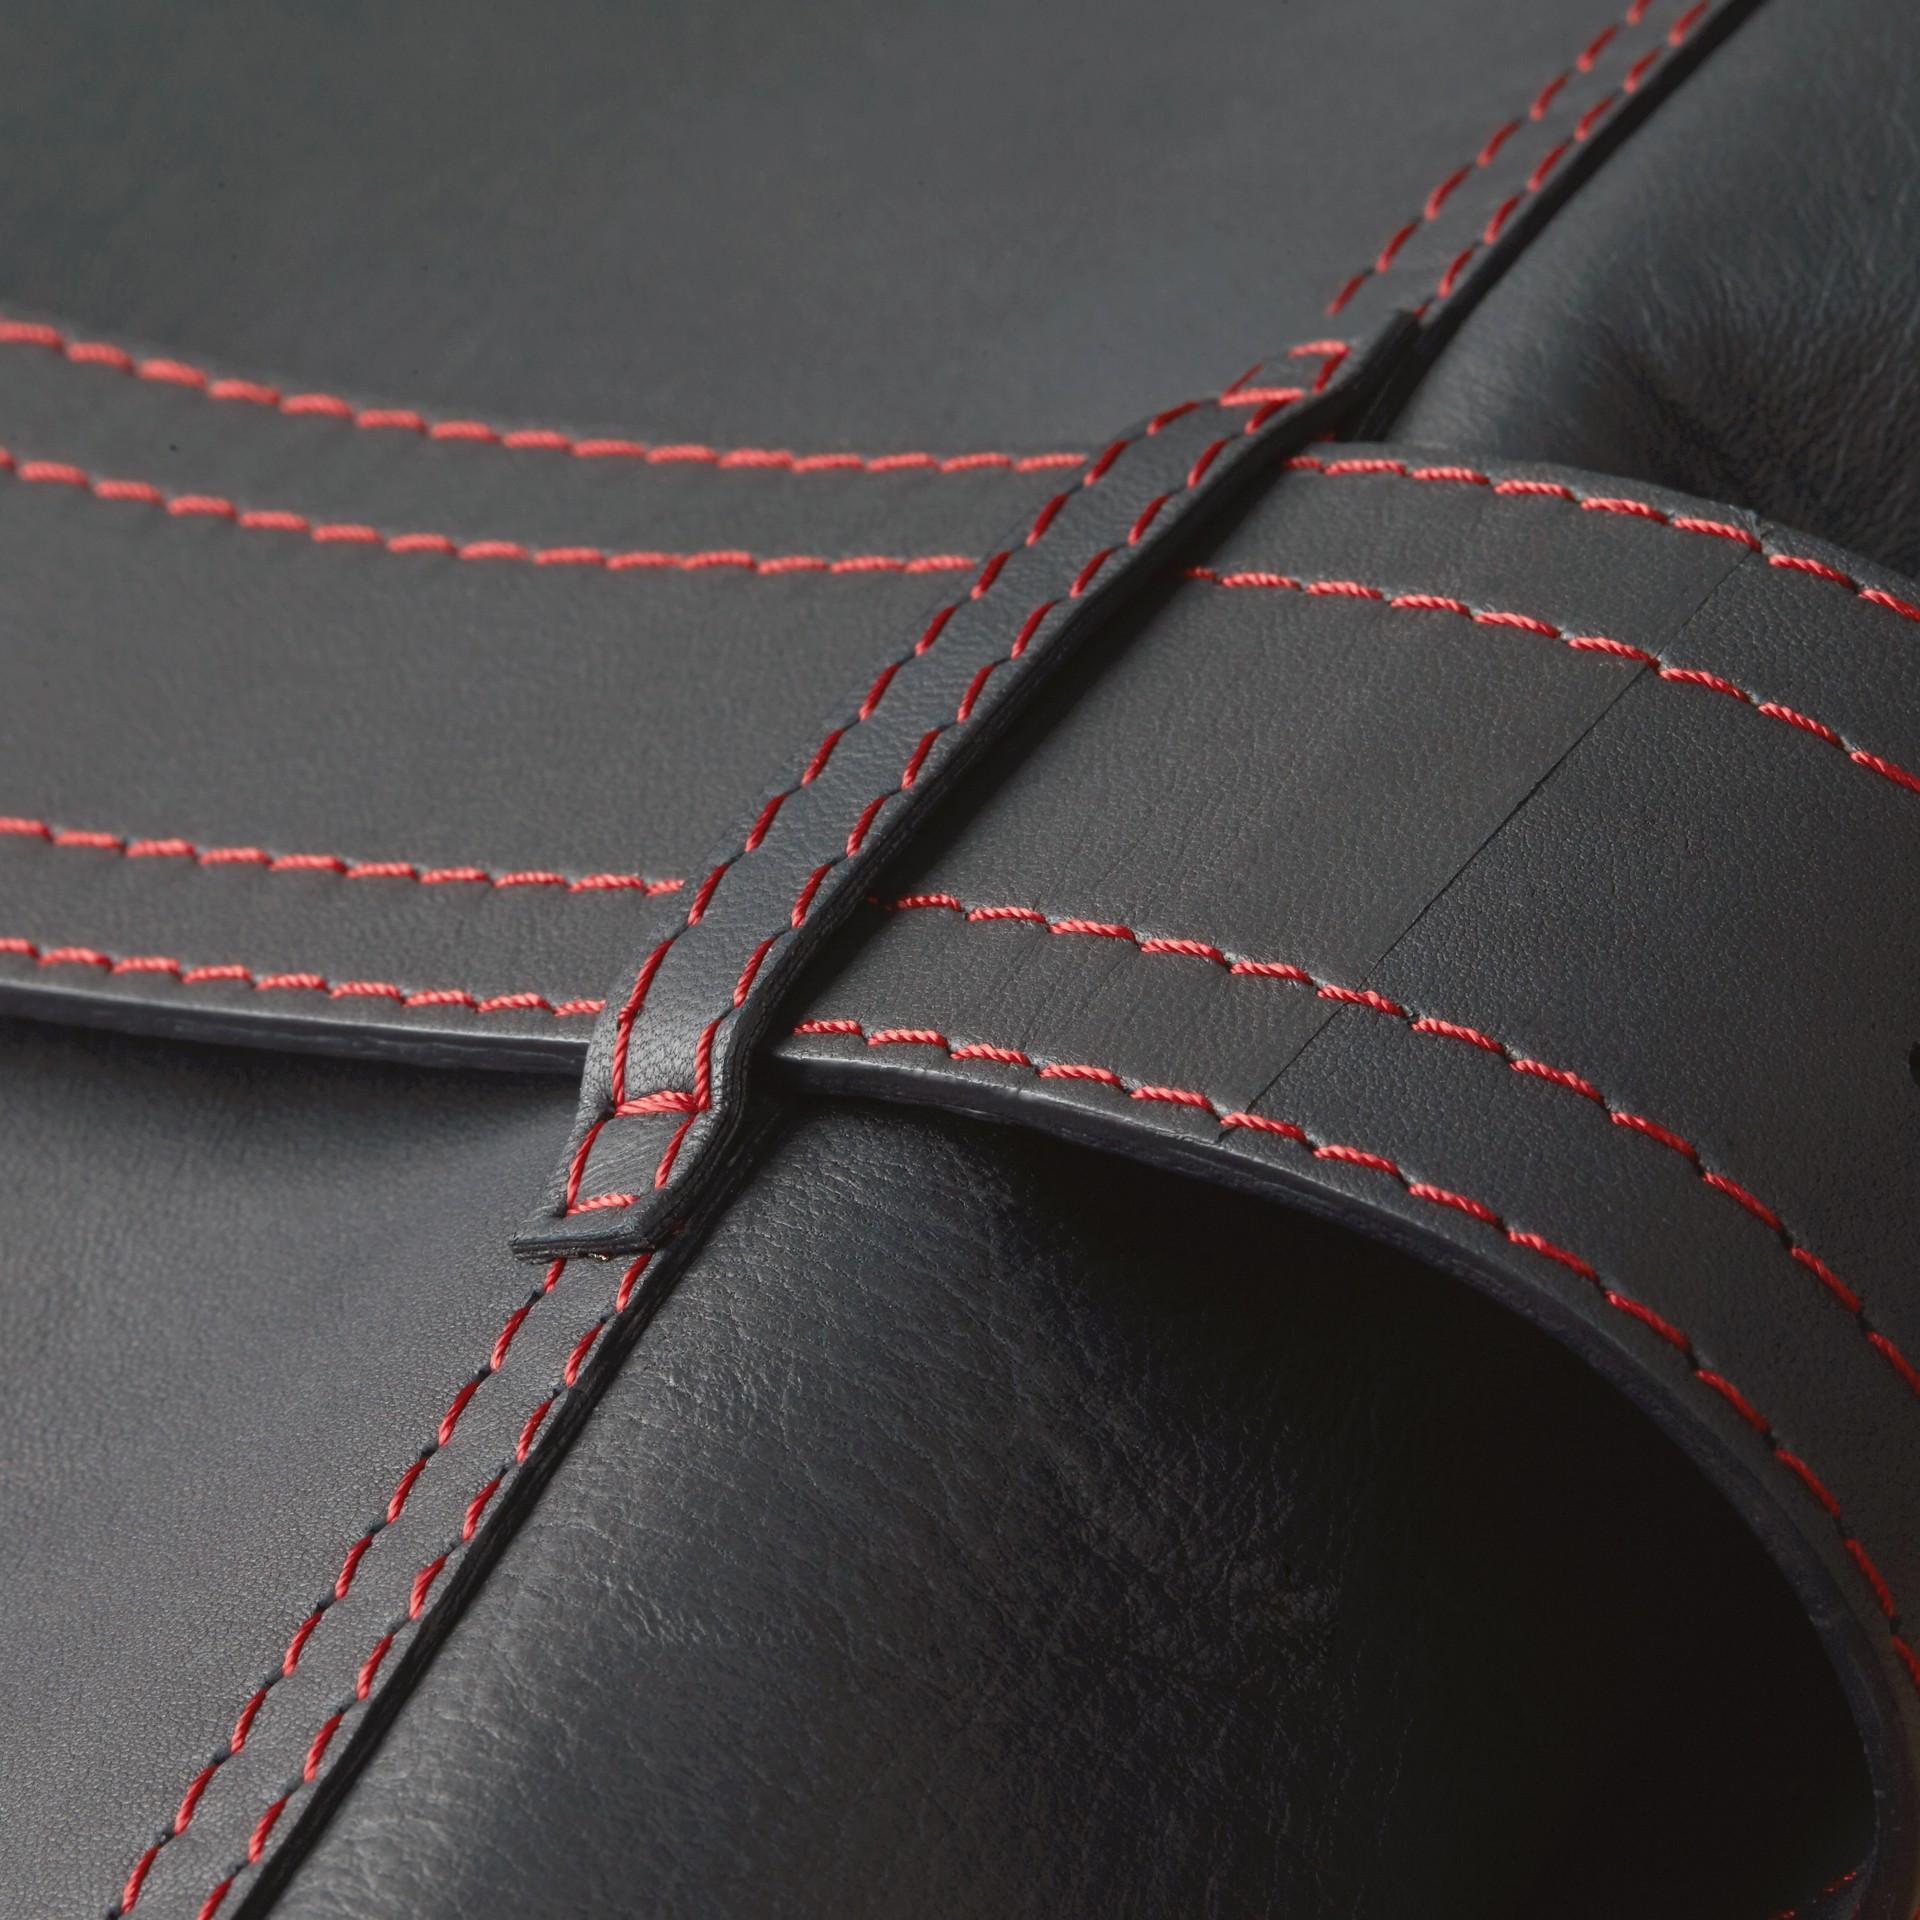 Navy scuro Trench coat in pelle di agnello con impunture militari - immagine della galleria 2